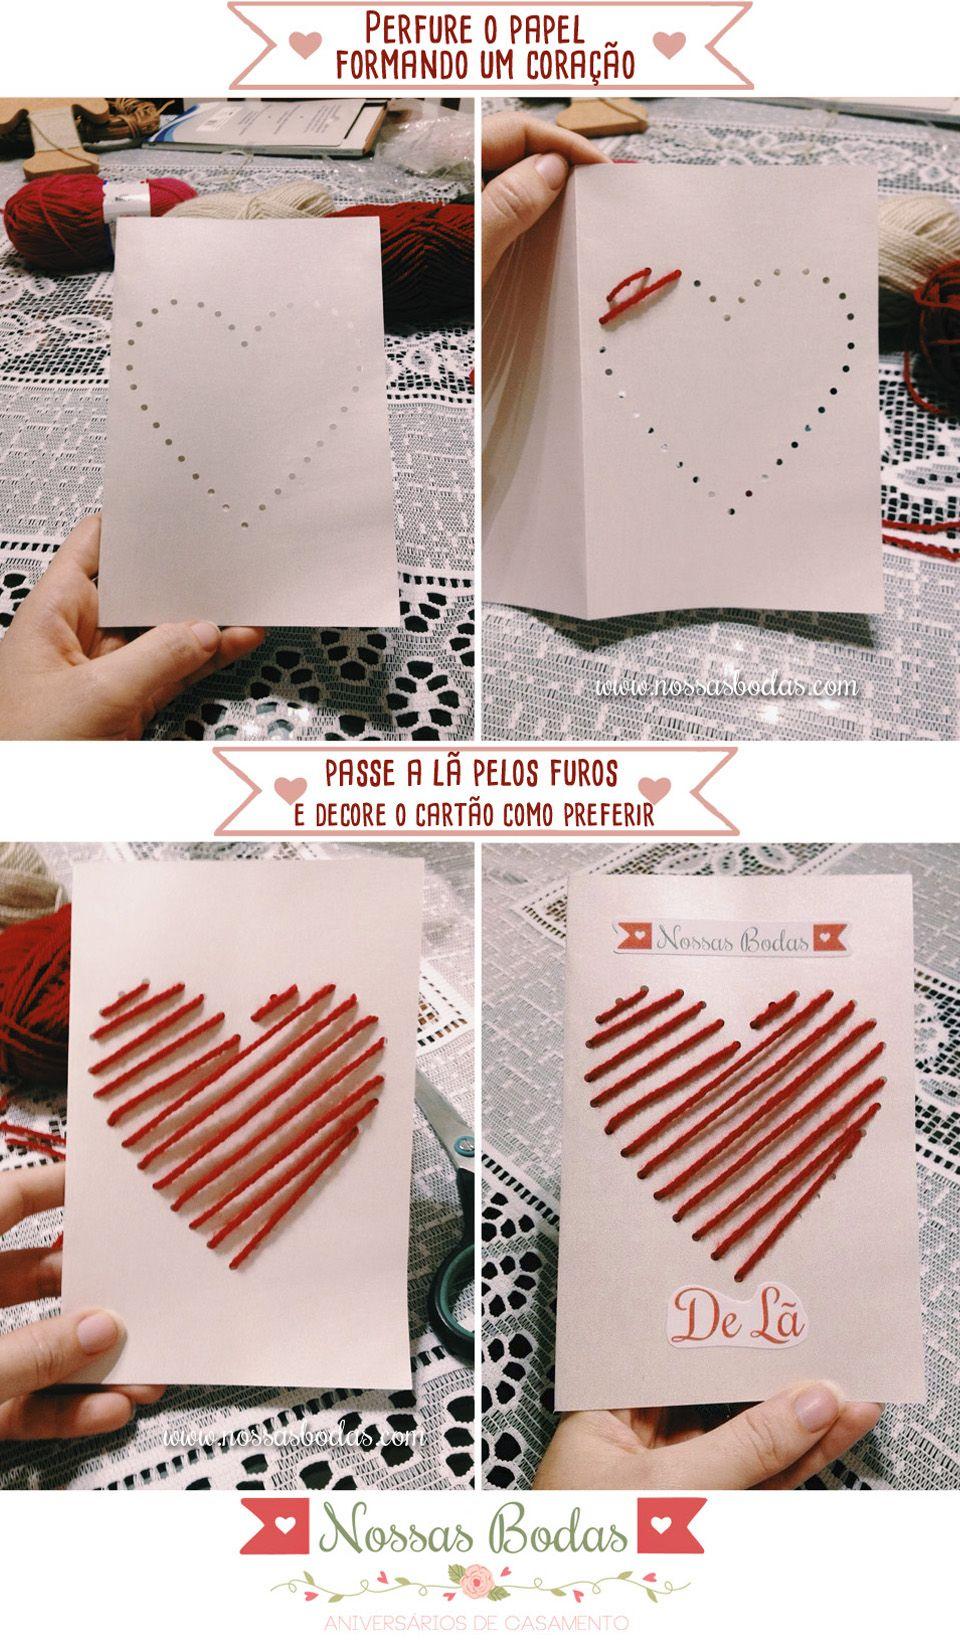 Cartão para bodas de lã site nossas bodas aniversarios de